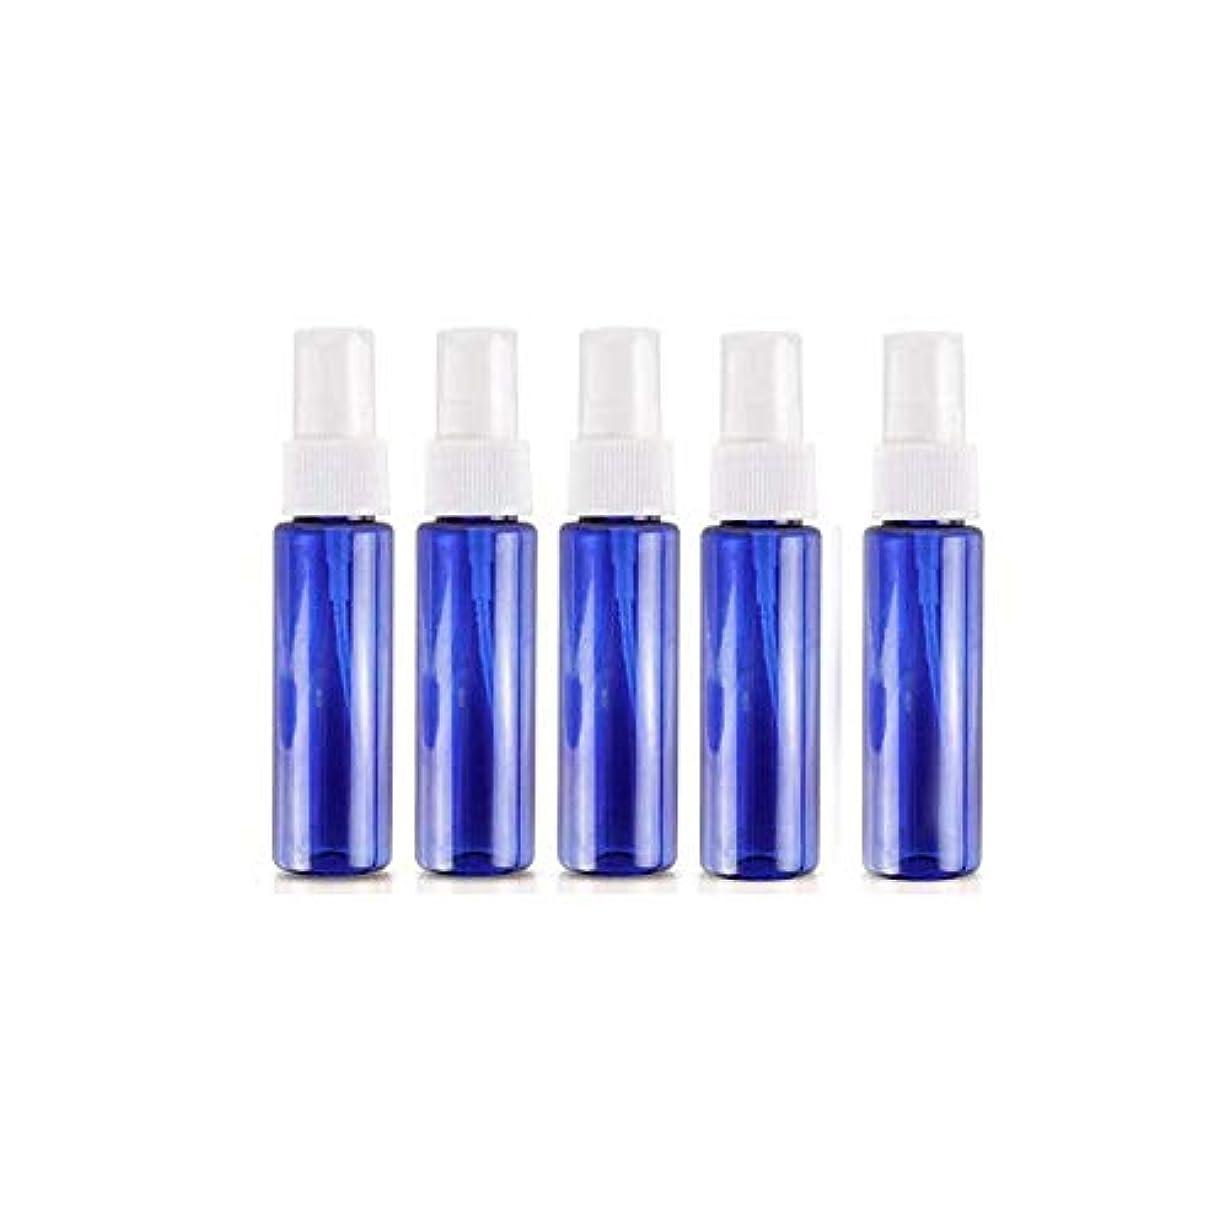 貫入きつくスーダンAomgsd スプレーボトル スプレー容器 遮光瓶スプレー アロマ虫除けスプレー プラスチック製 ミニ 携帯 便利 軽量 30ml 5本 (ブルー)